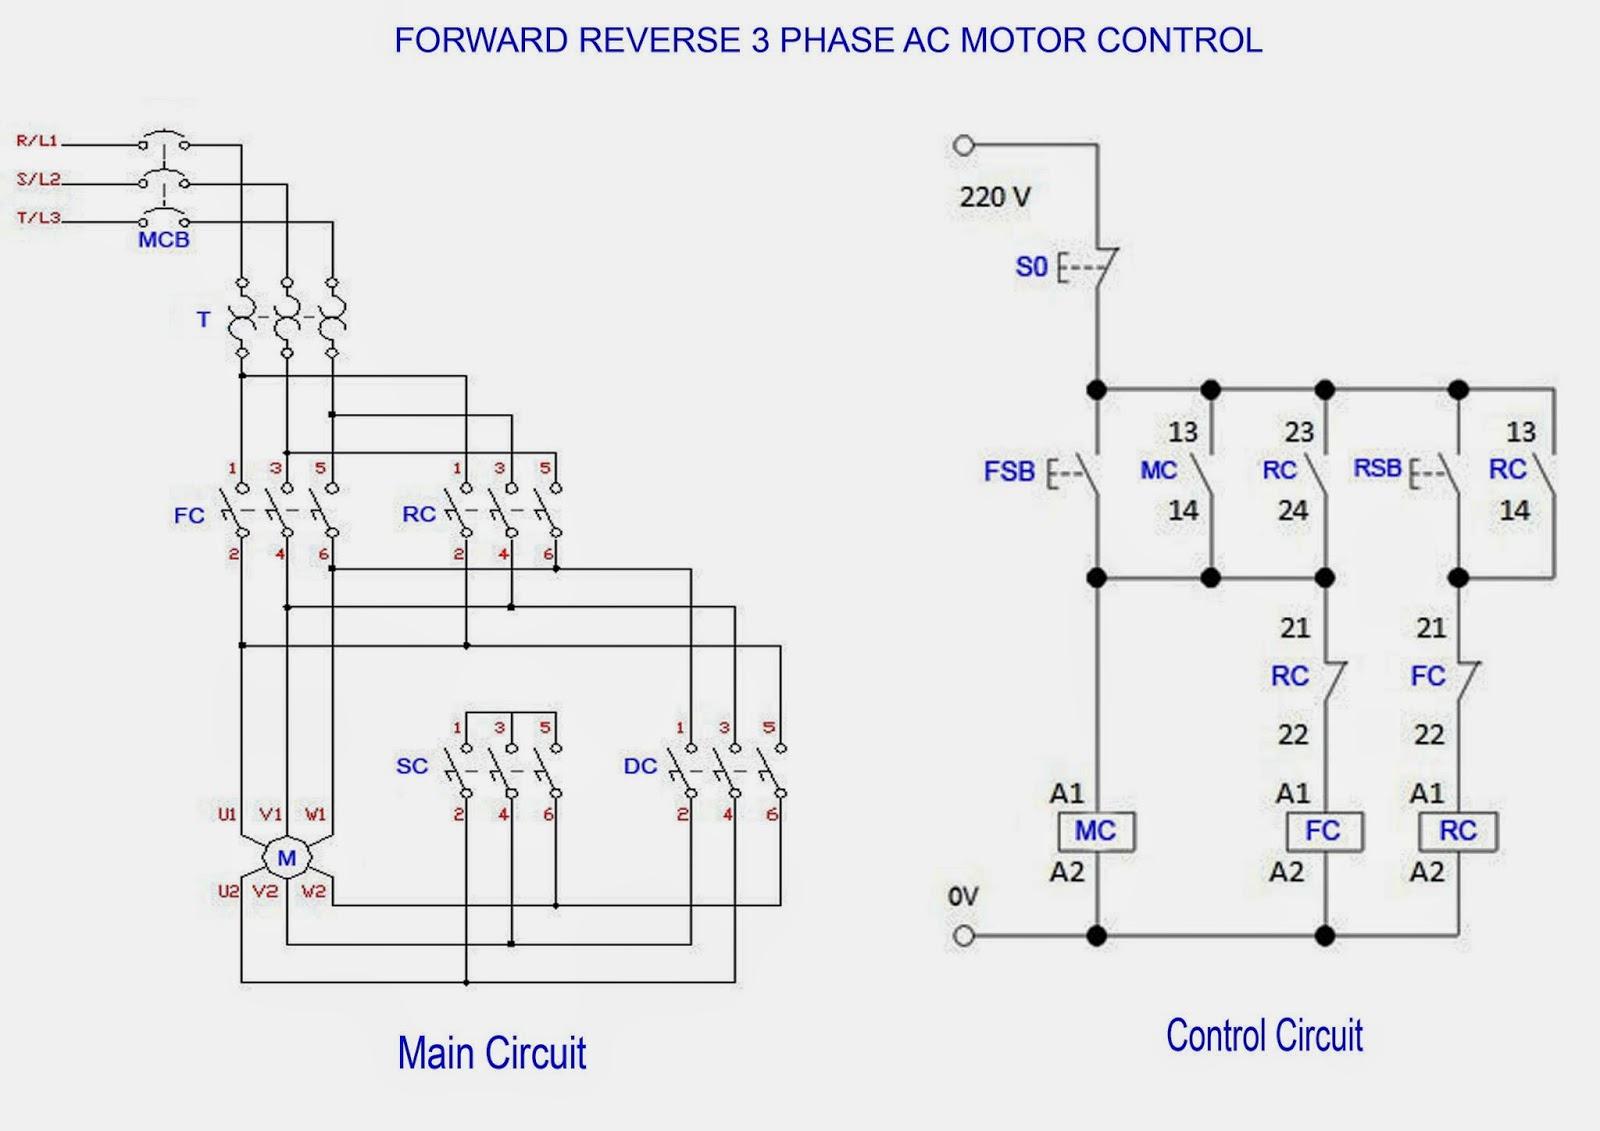 Wiring Diagram Forward - Wiring Diagram Detailed - Motor Starter Wiring Diagram